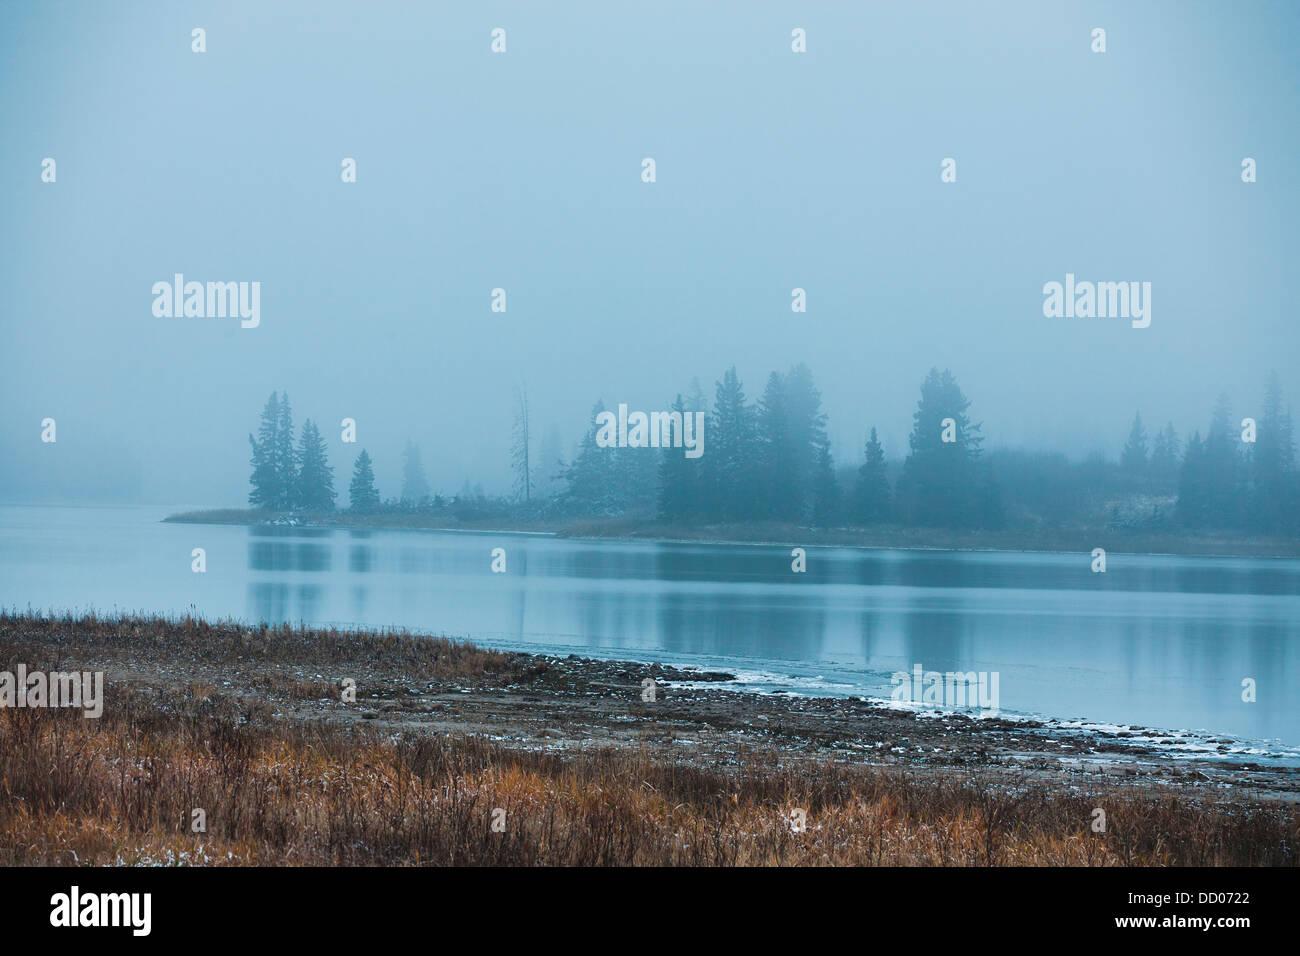 Inseln im Nebel Abend am Astotin Lake; Edmonton, Alberta, Kanada Stockfoto